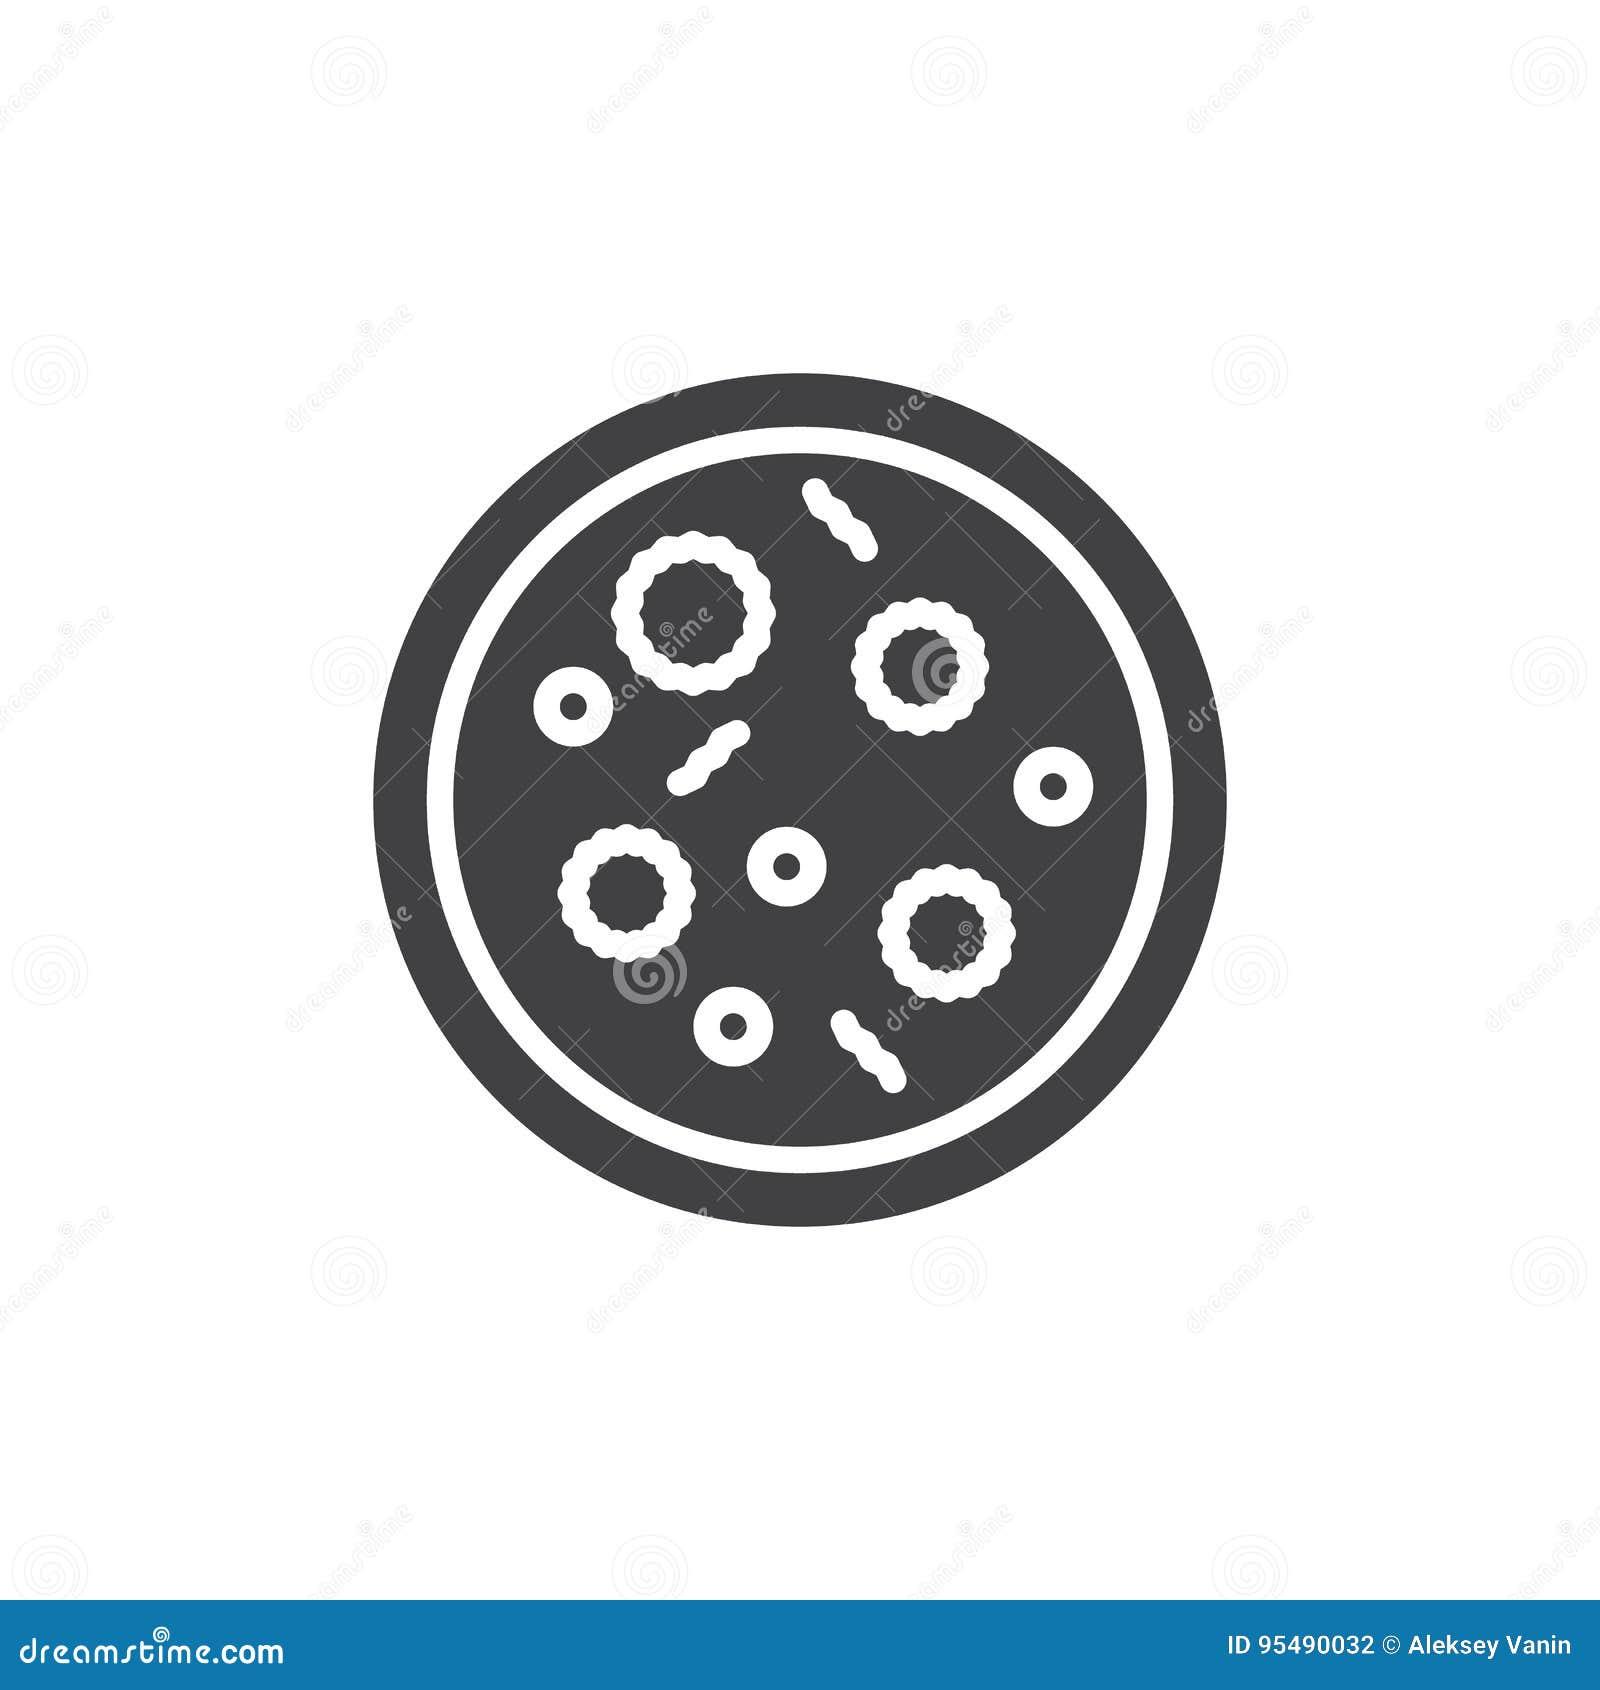 Vektor för symbol för Petri maträtt, fyllt plant tecken, fast pictogram som isoleras på vit